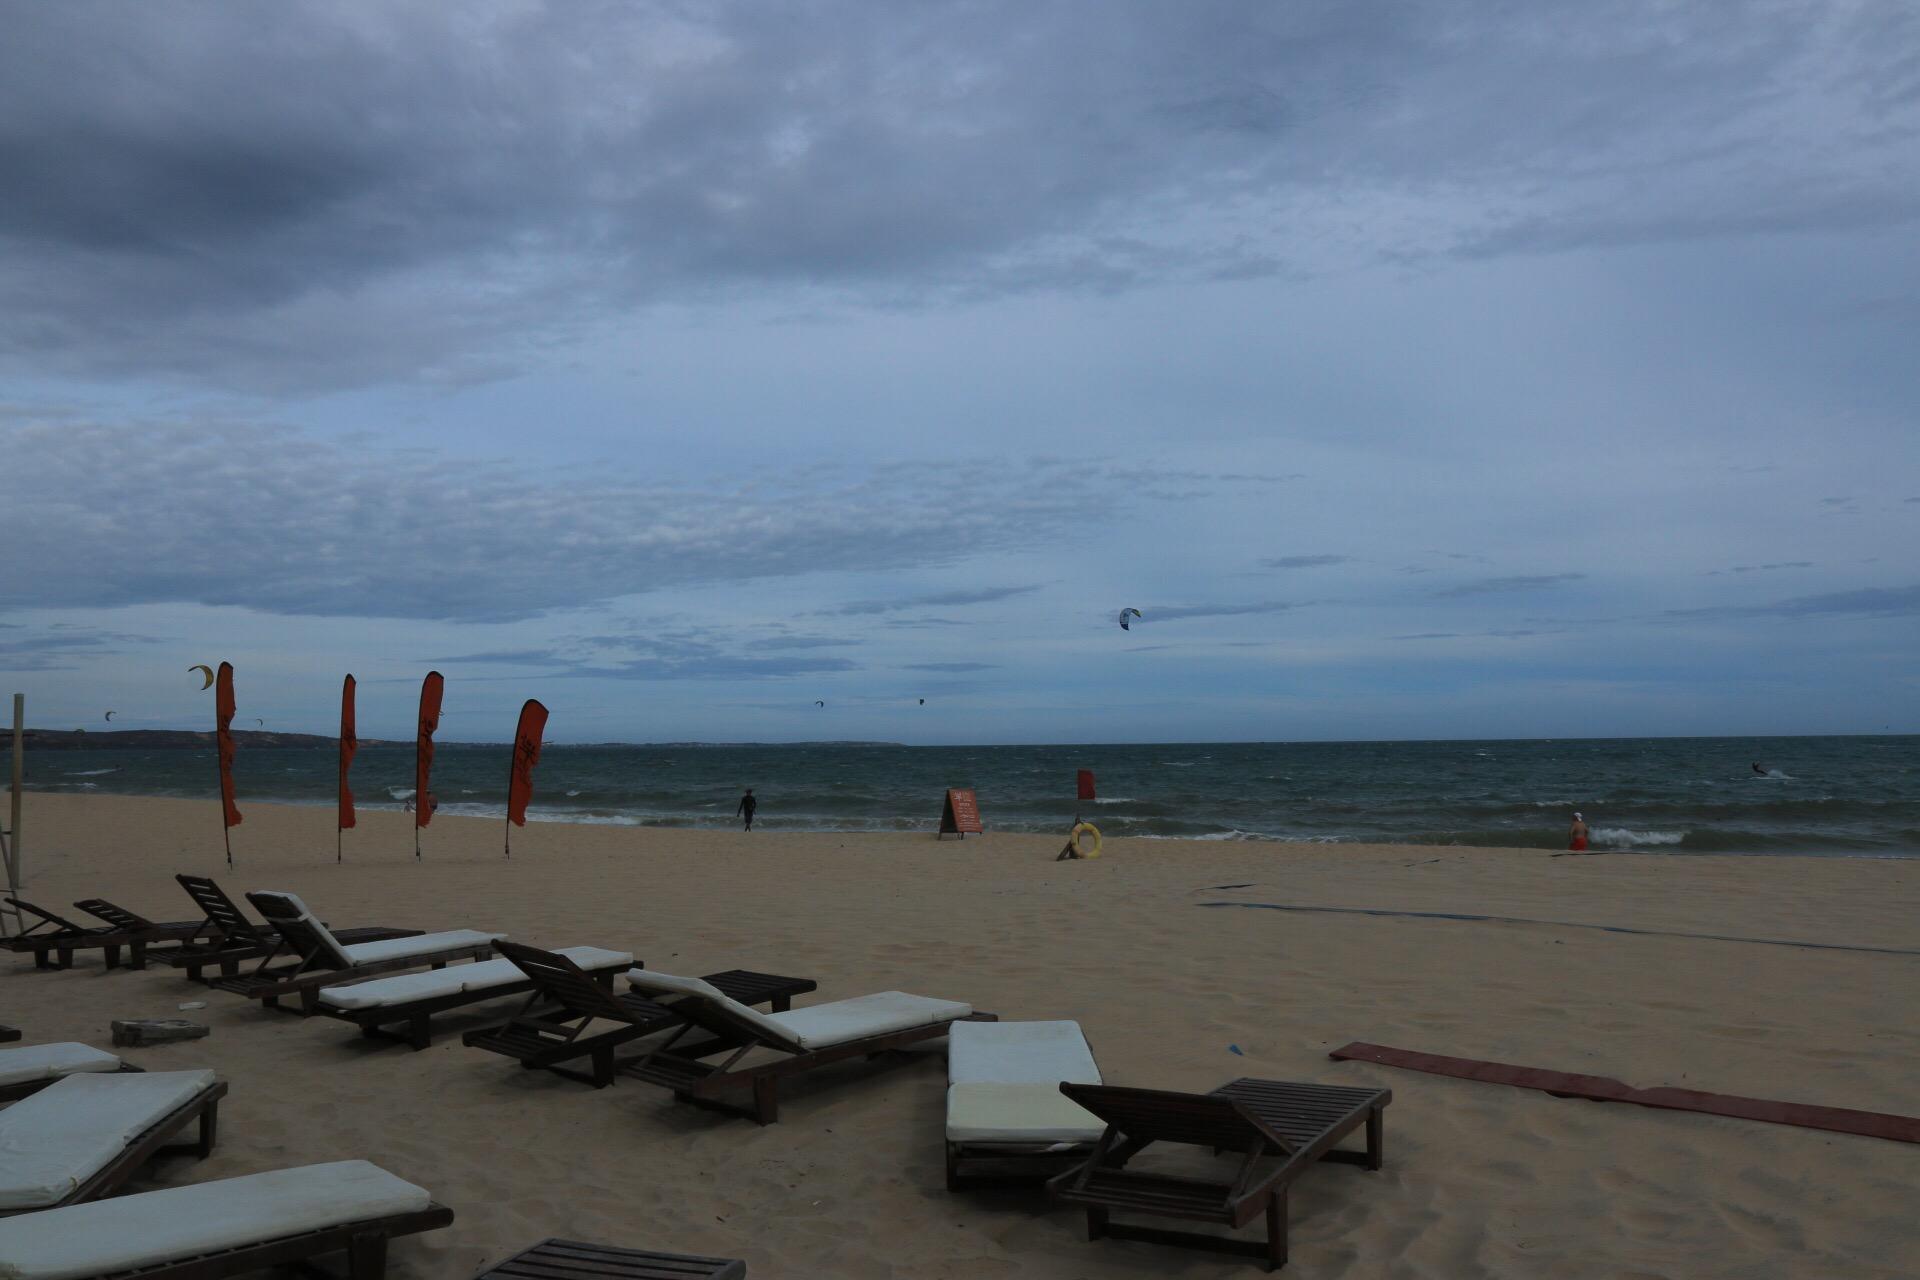 Die Hotelliegen am Strand. Nachmittags war's leider immer ein bisschen bewölkter.